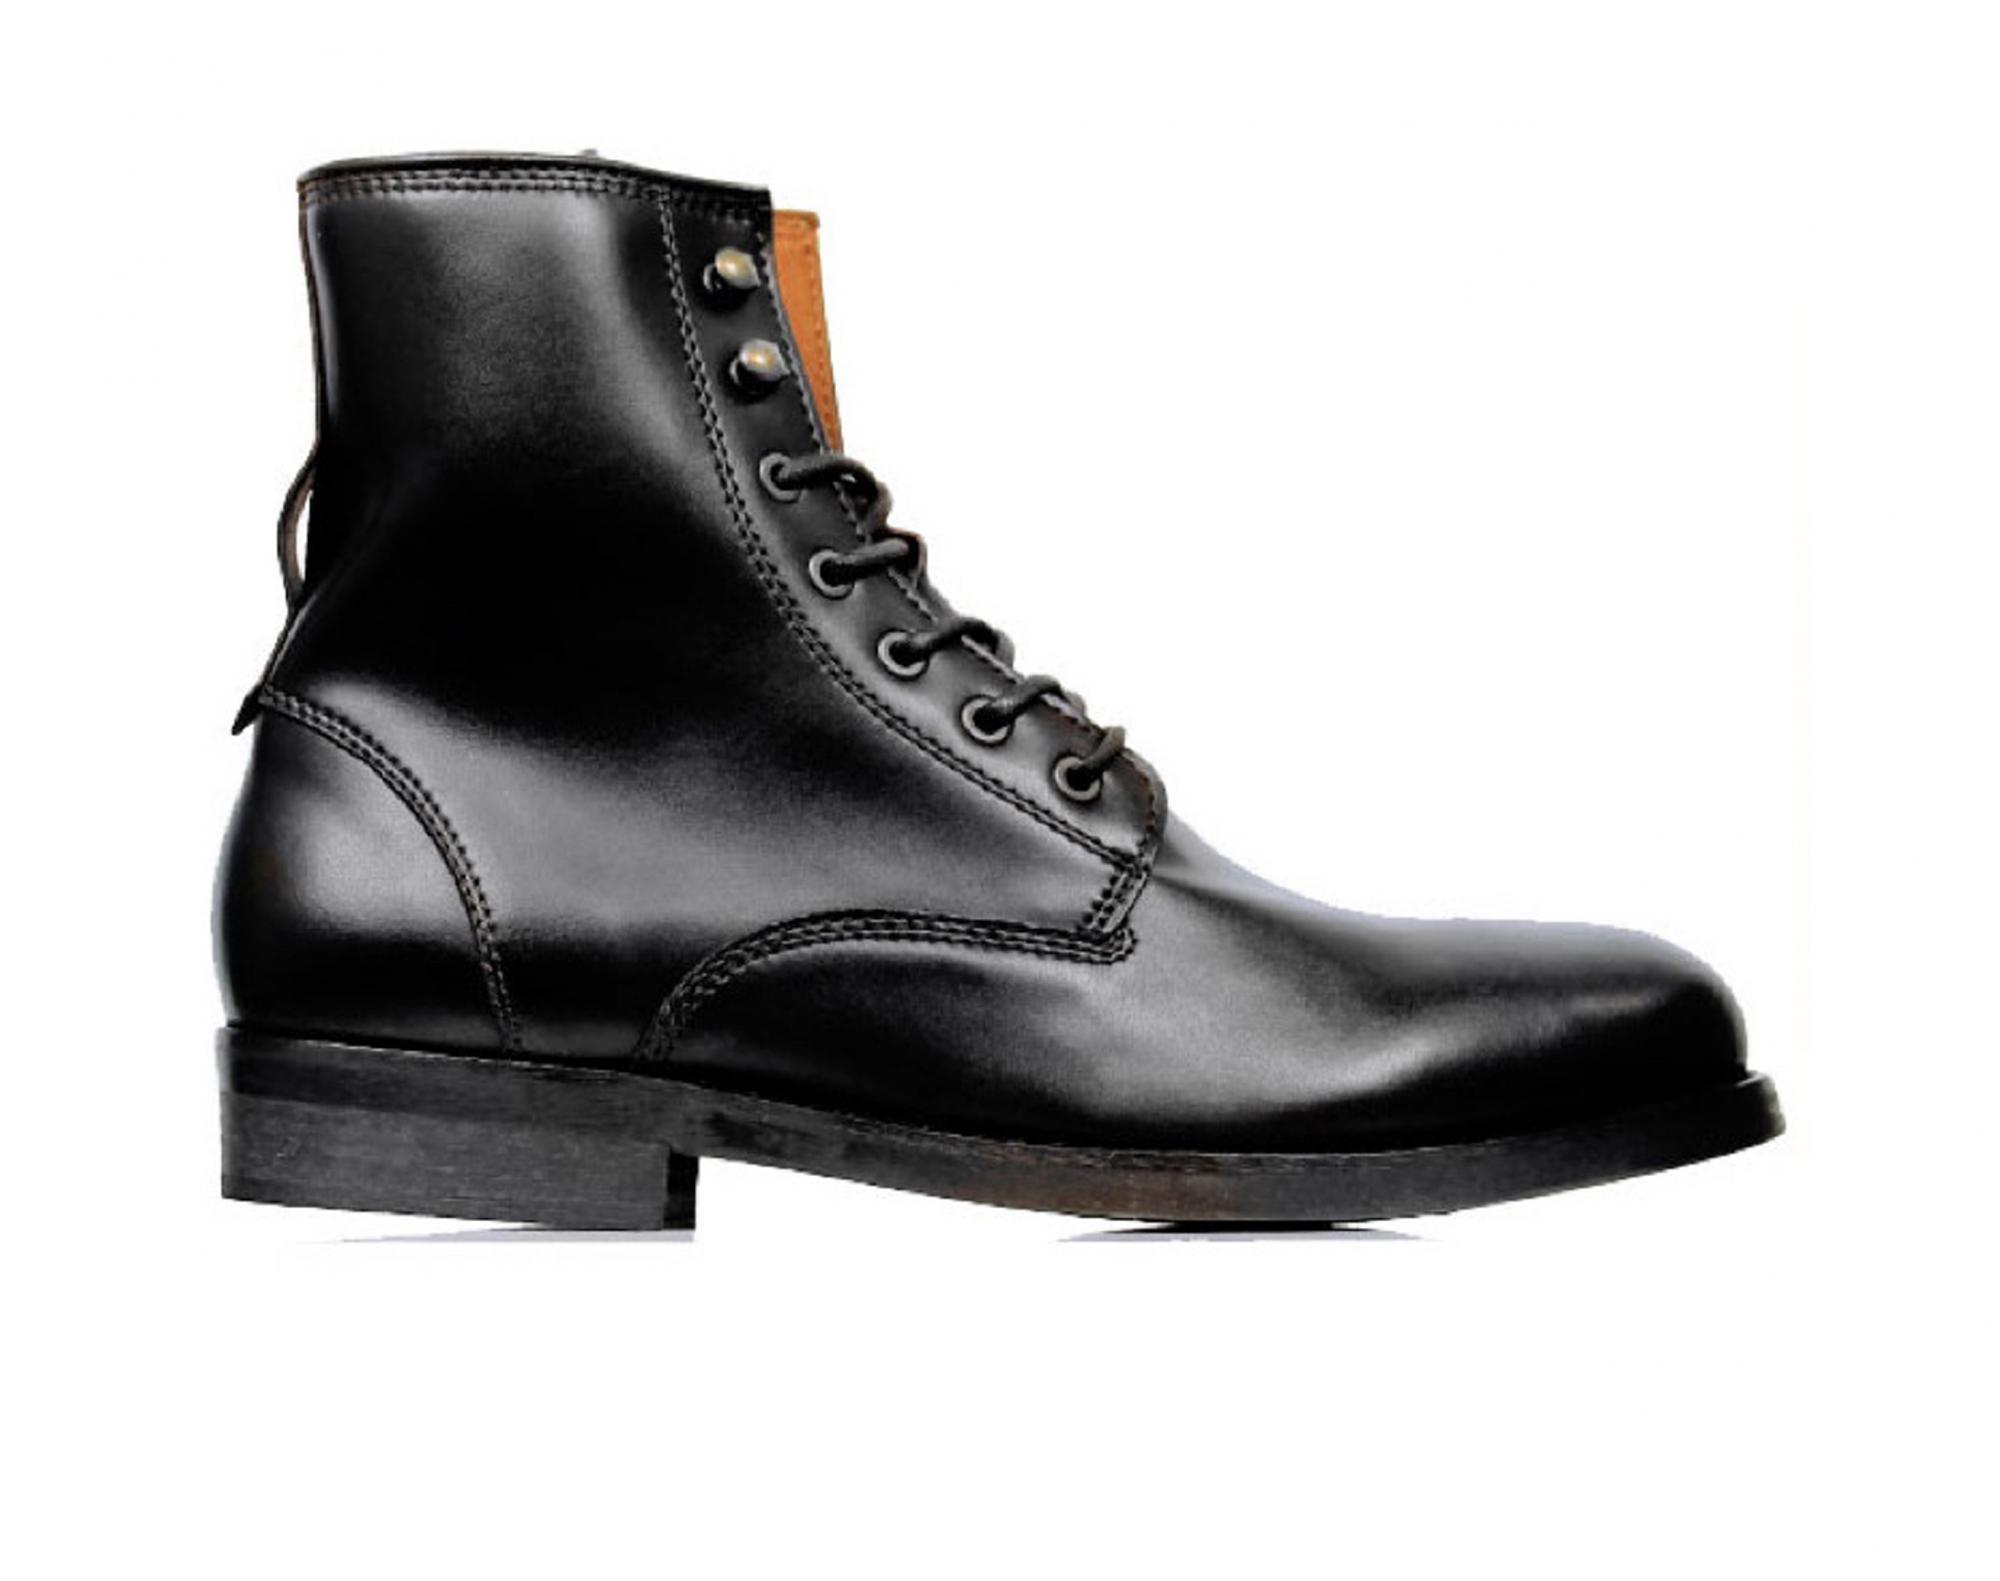 cc065e27945260 WILL S Strider Boots Schuhe Herren Stiefel Biopolioli wasserdichte  Schnürsenkel vegane Schuhe - VeganShoes.it